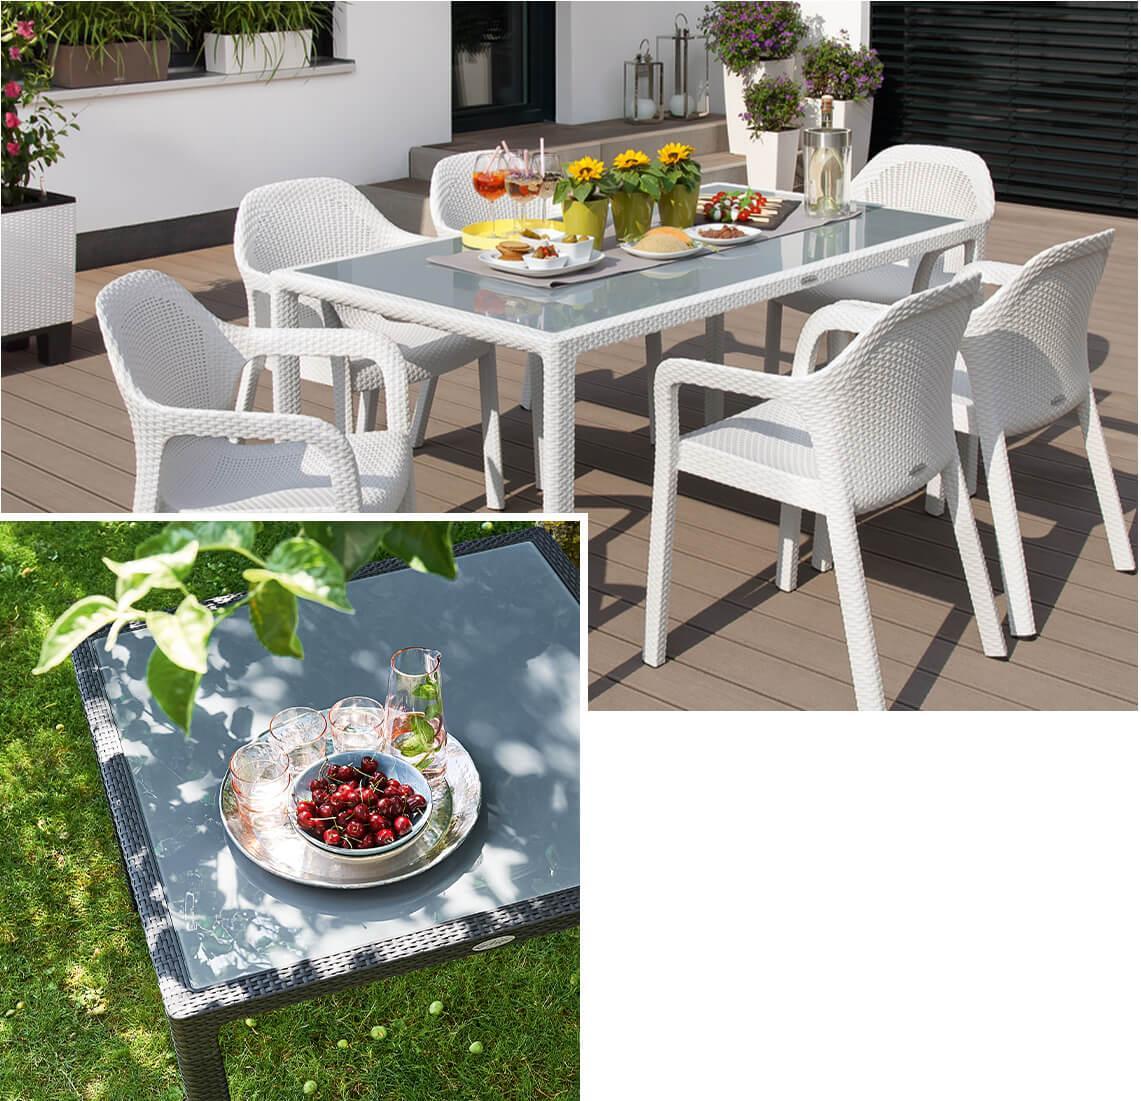 Schön gedeckte LECHUZA Gartentische in weiß und granit